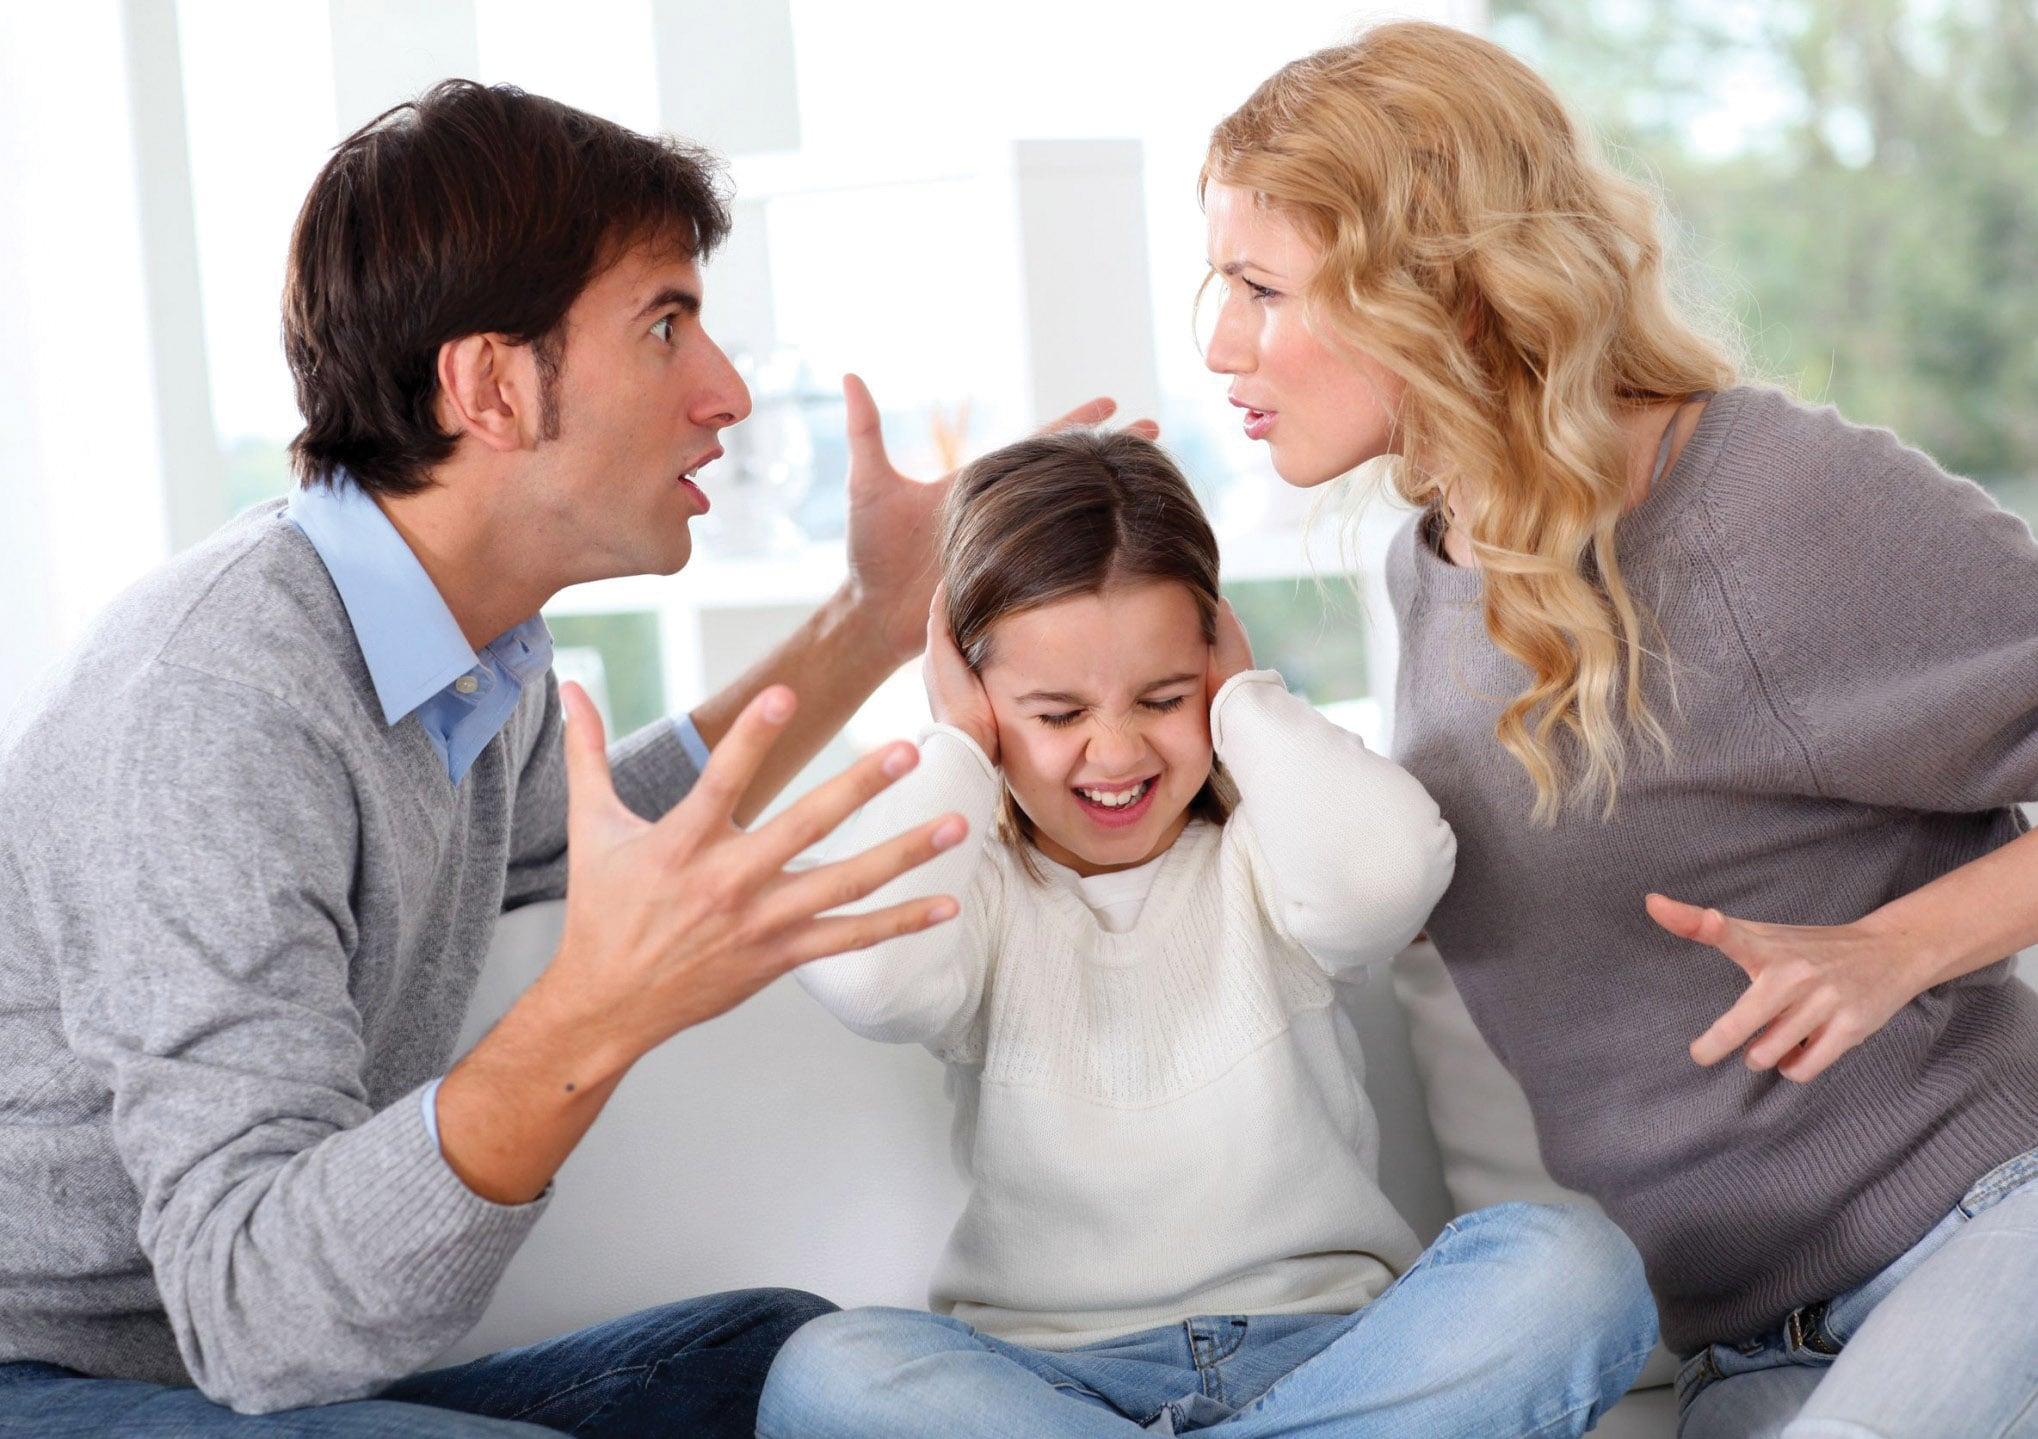 Thẩm định người thân có thể gây tranh cãi trong gia đình